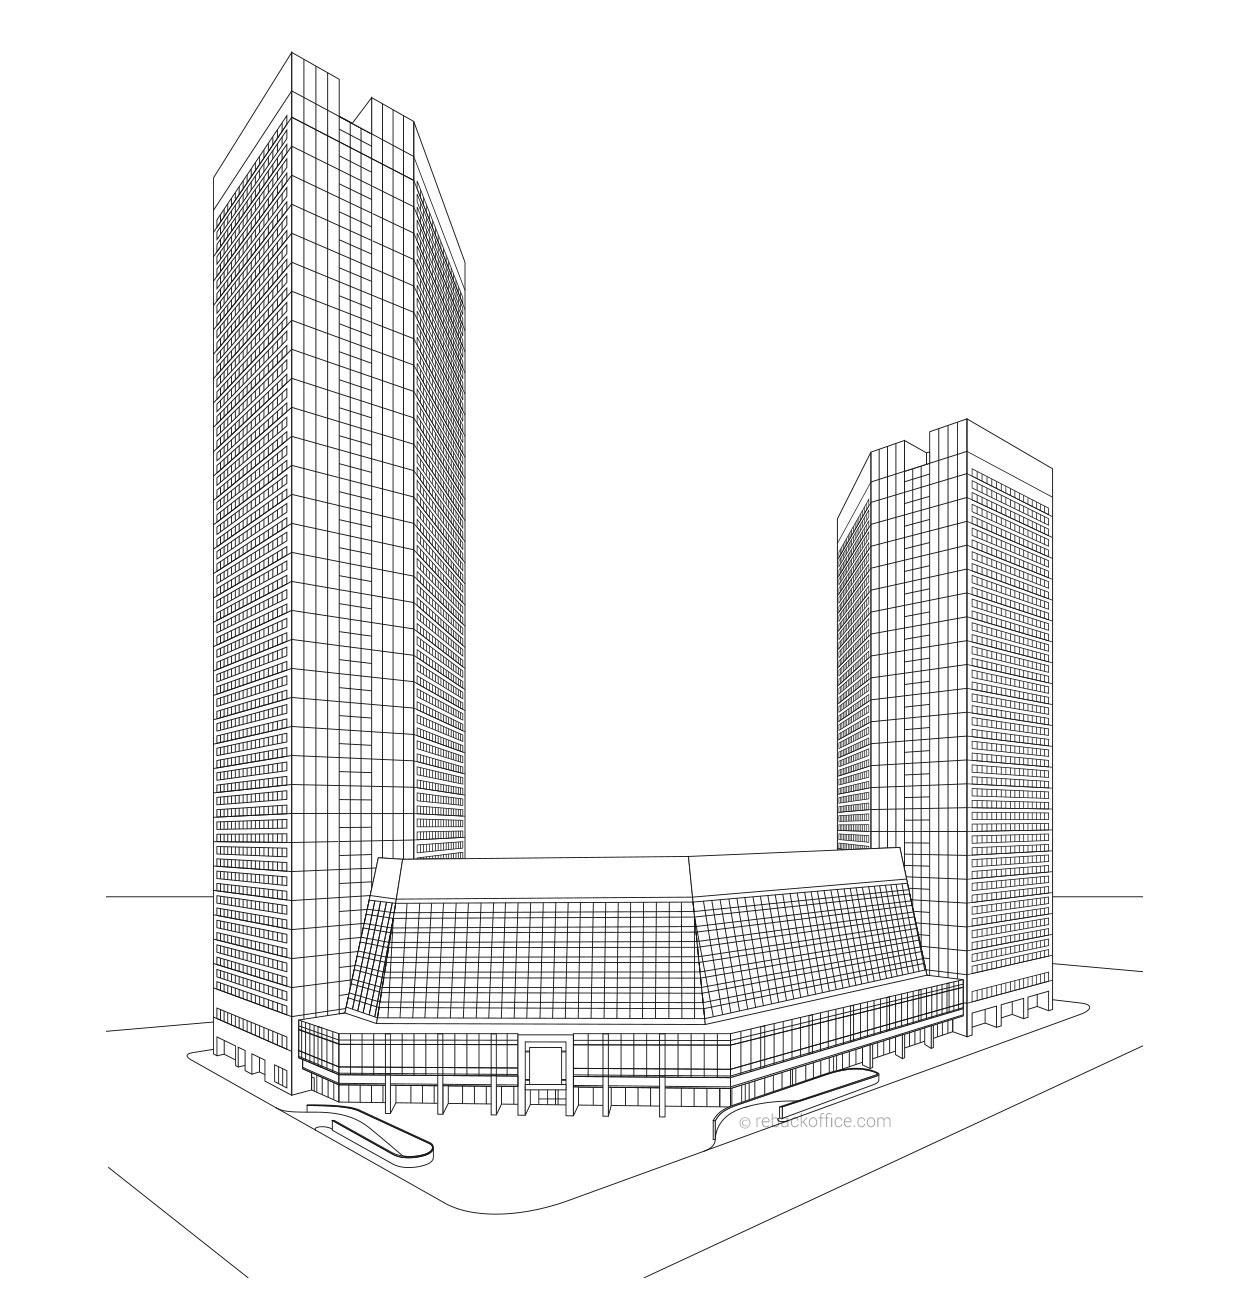 Line Art Building : Building line art renderings example rebackoffice